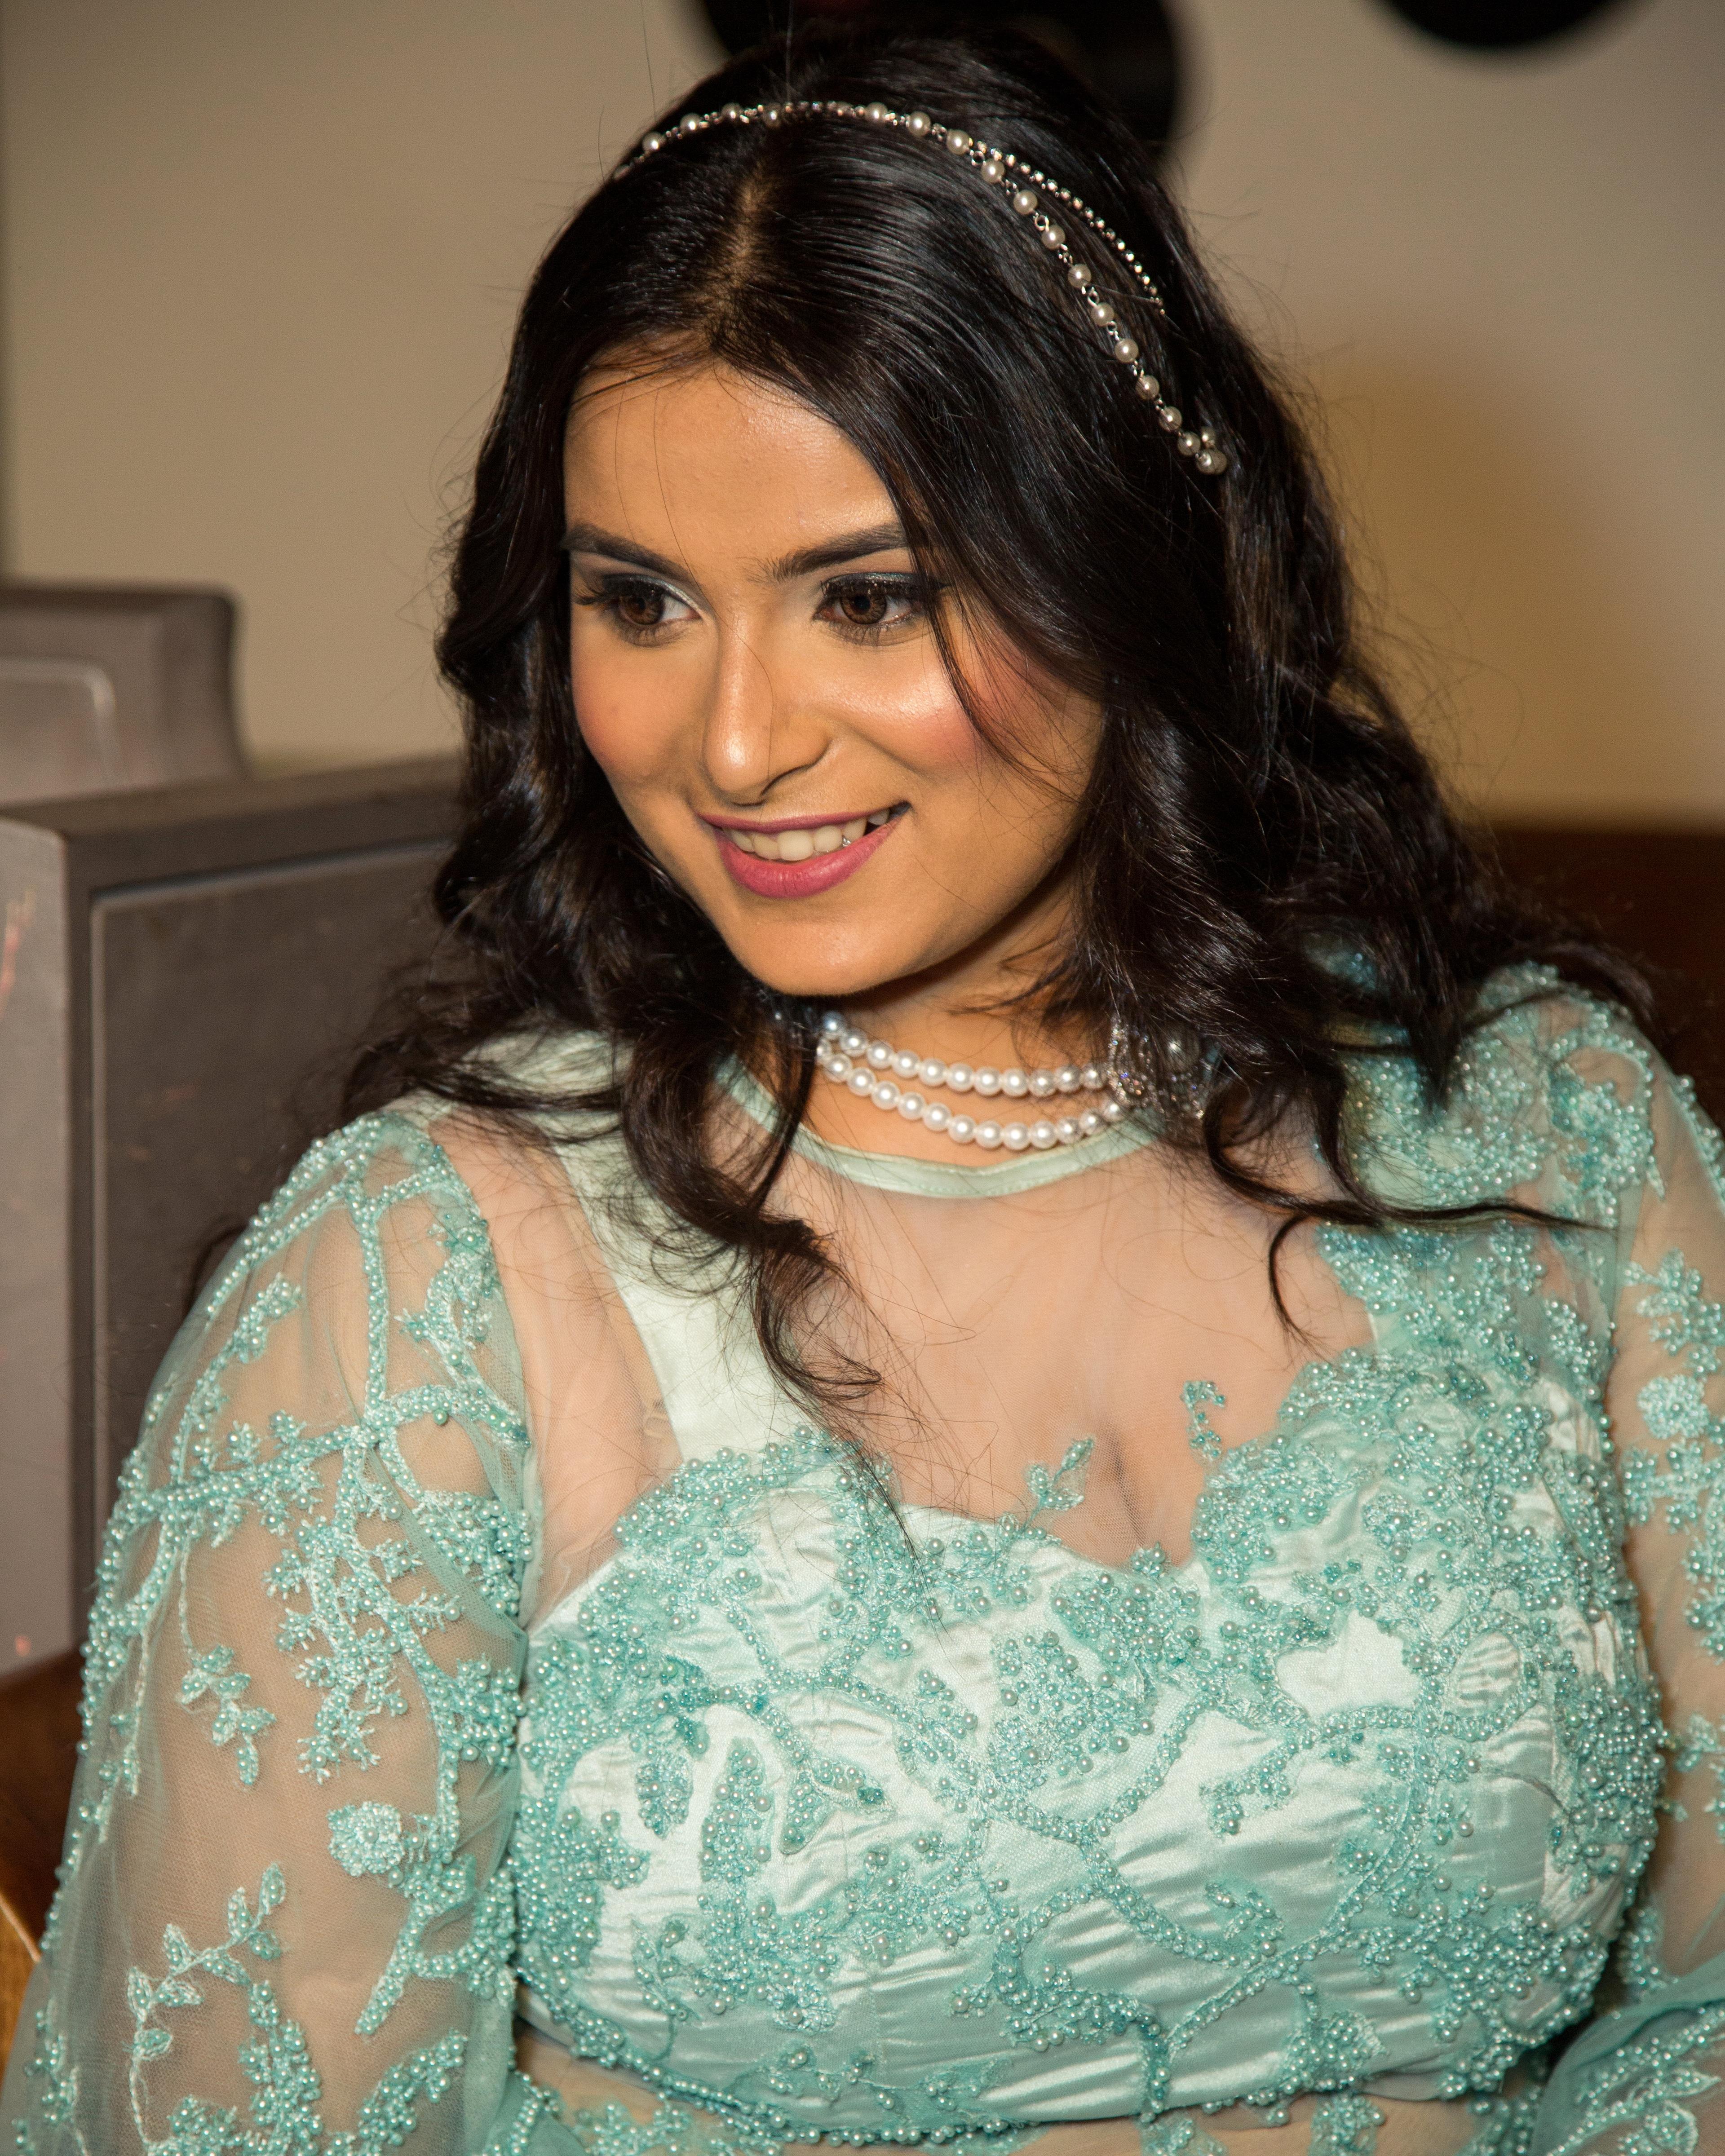 afrin-sayed-makeup-artist-mumbai